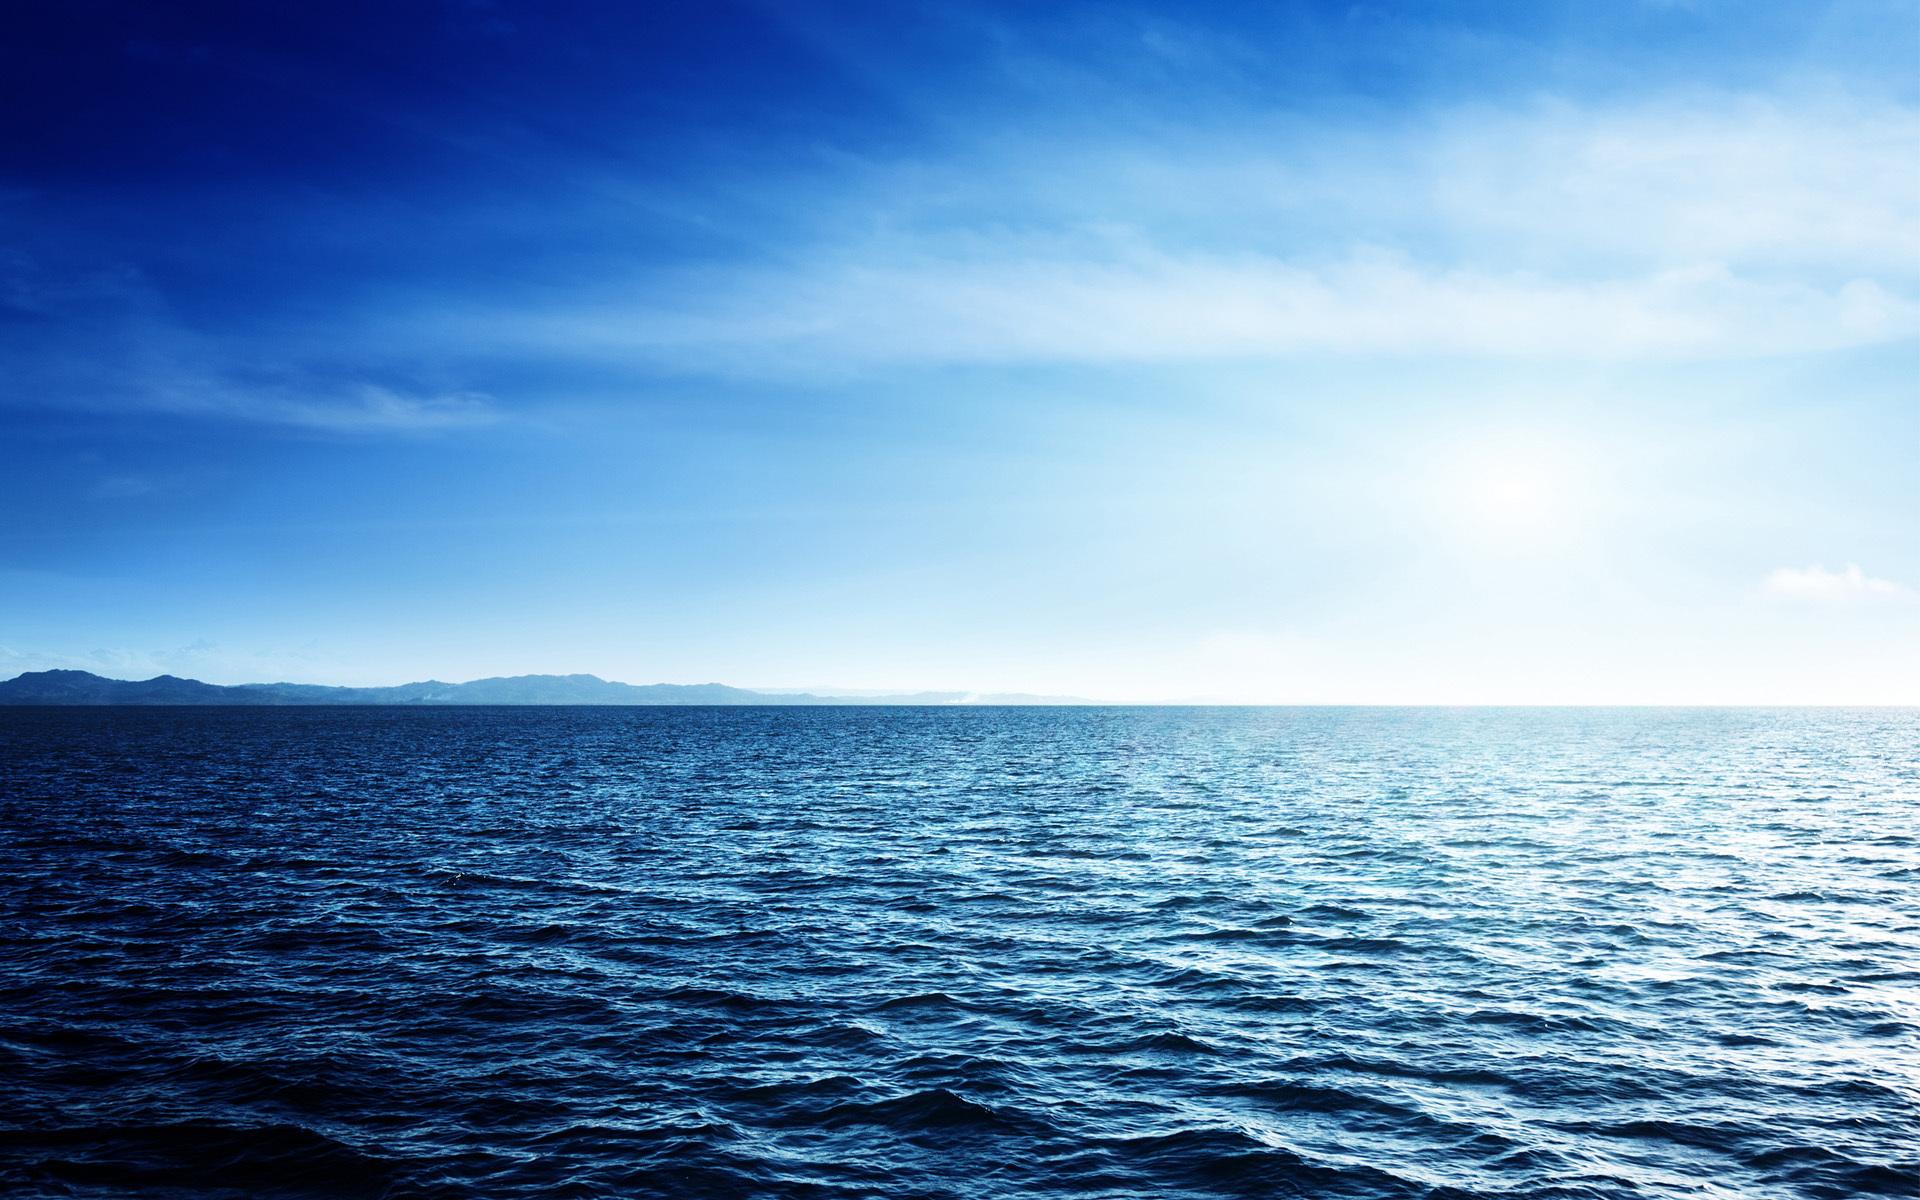 Sea ocean water sky horizon wallpaper   ForWallpapercom 1920x1200